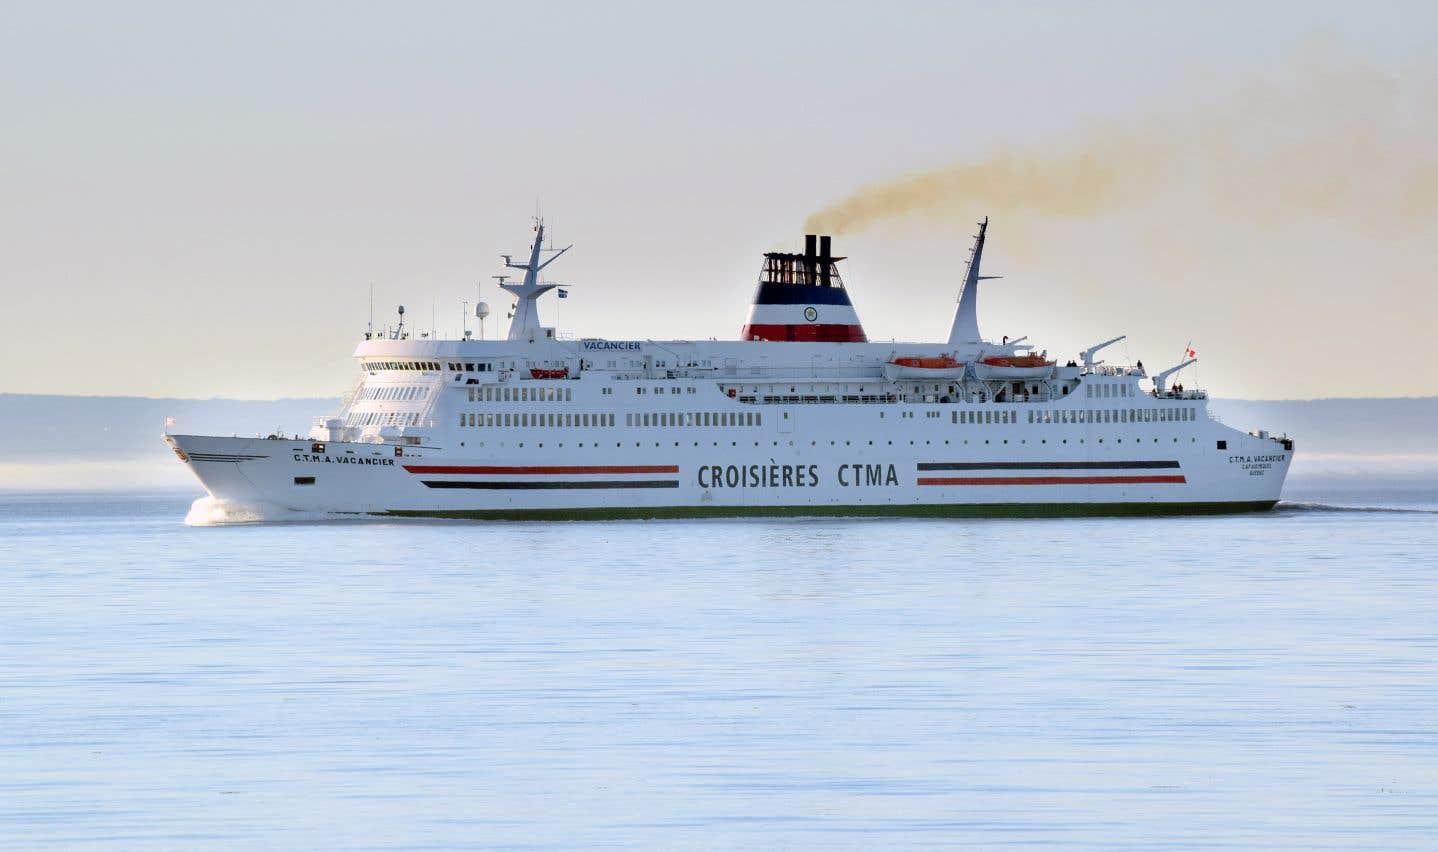 Comme l'été dernier, les bateaux devront circuler à basse vitesse dans certaines zones du golfe.